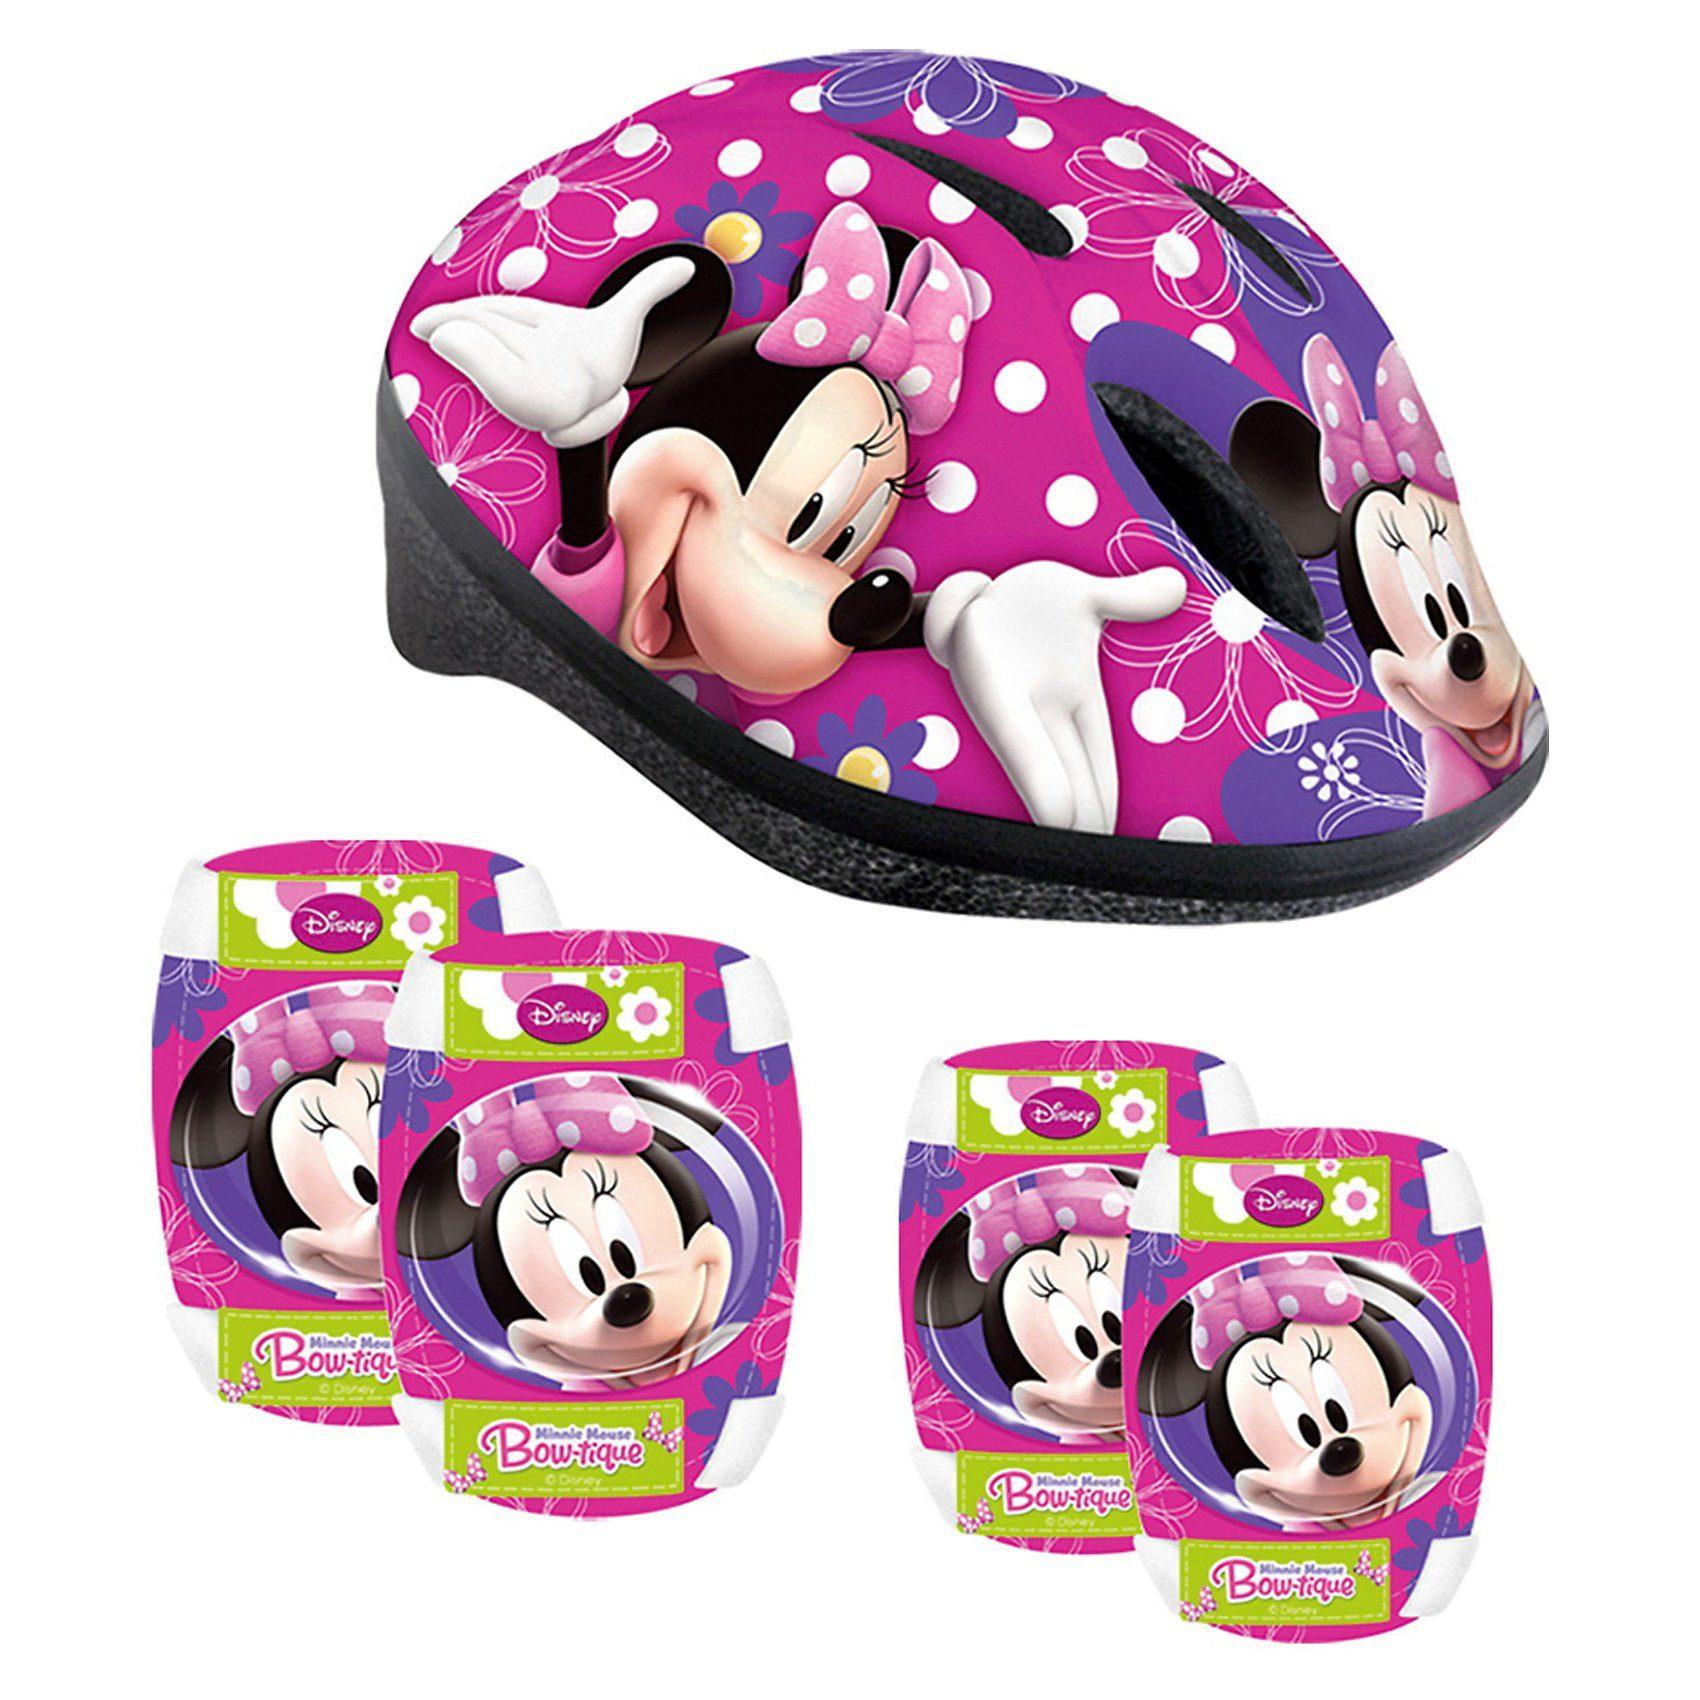 STAMP Minnie Mouse Sicherheitsset